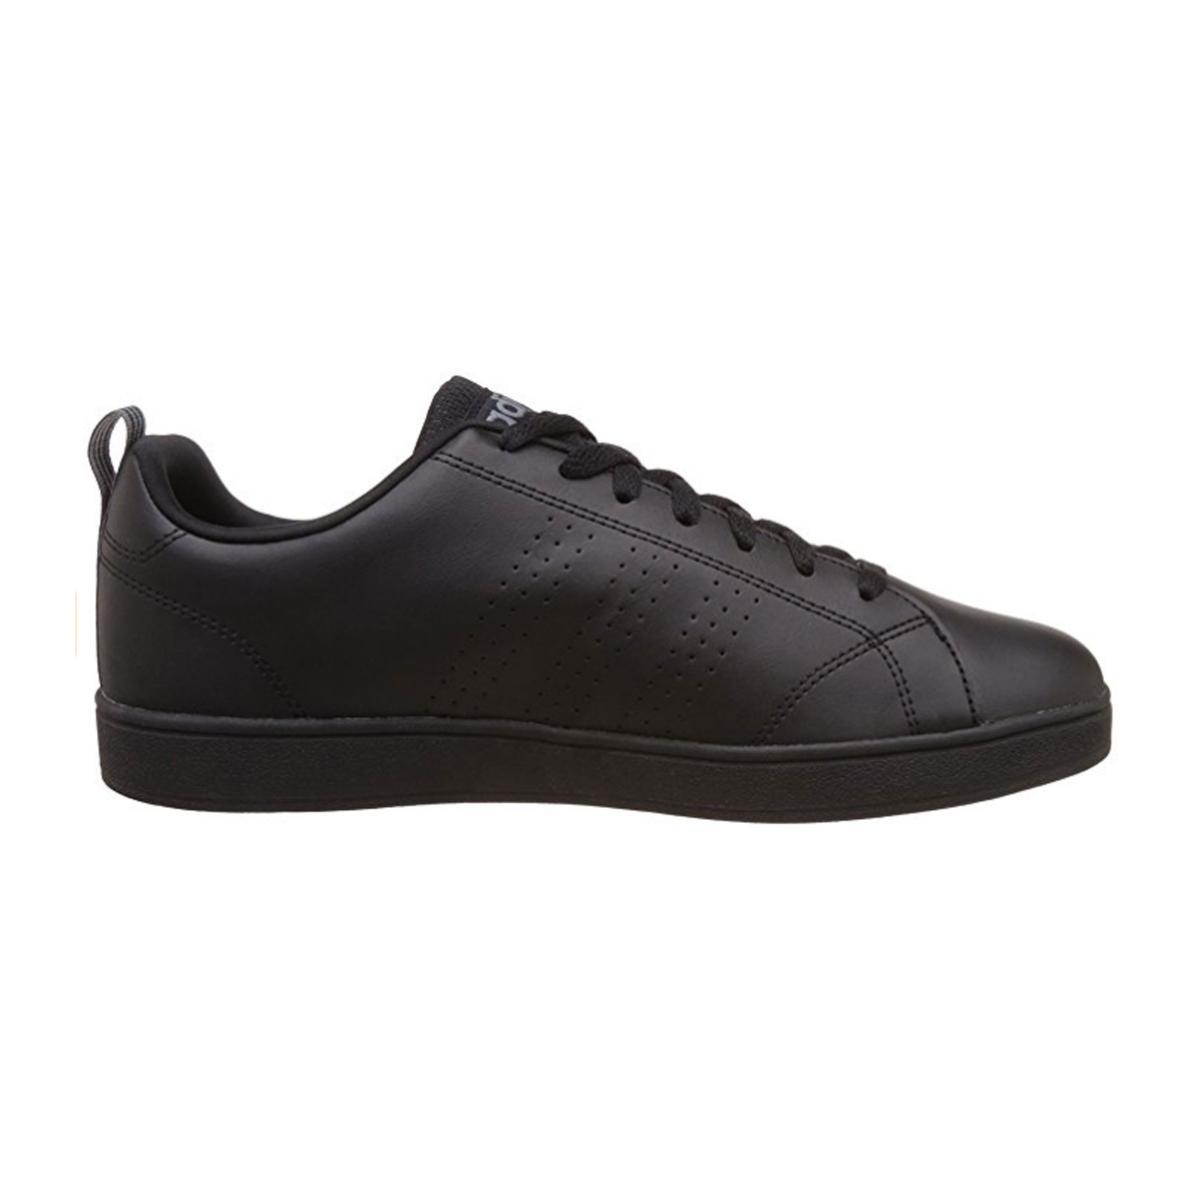 Scarpe Sportive Adidas Vs Advantage CL - Uomo rif. F99253